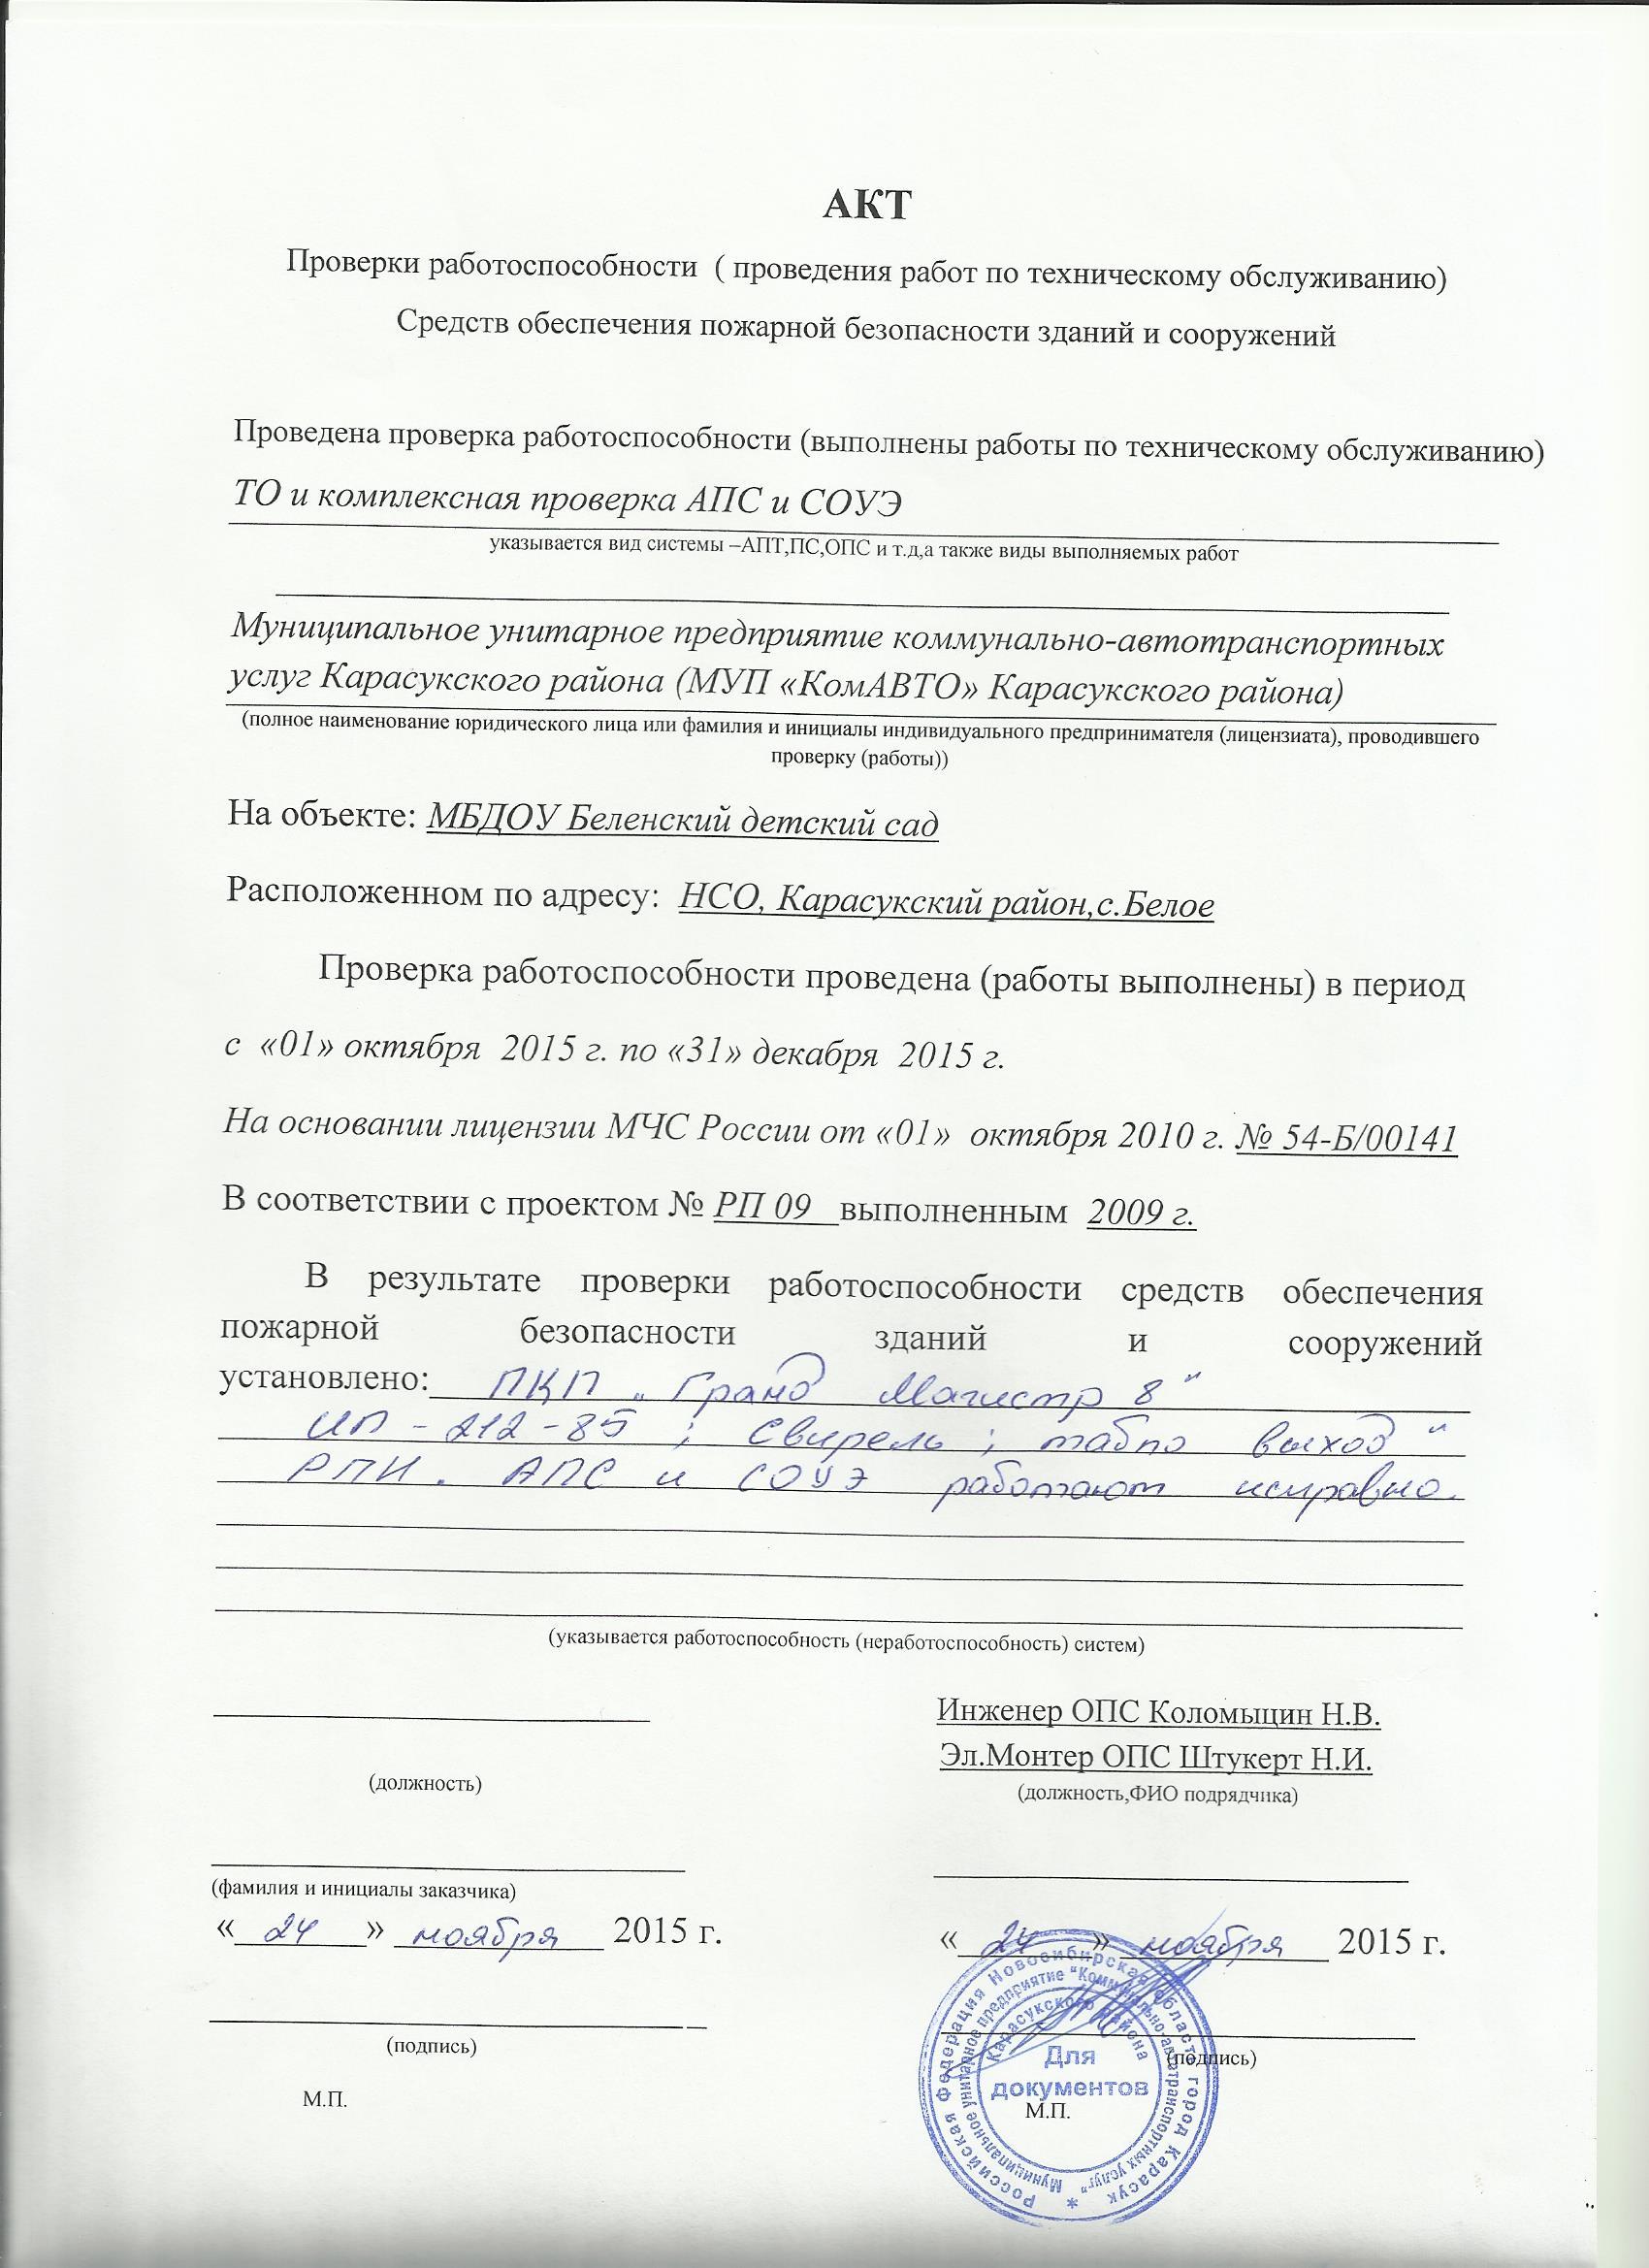 Образец документа о проведении квартального контроля